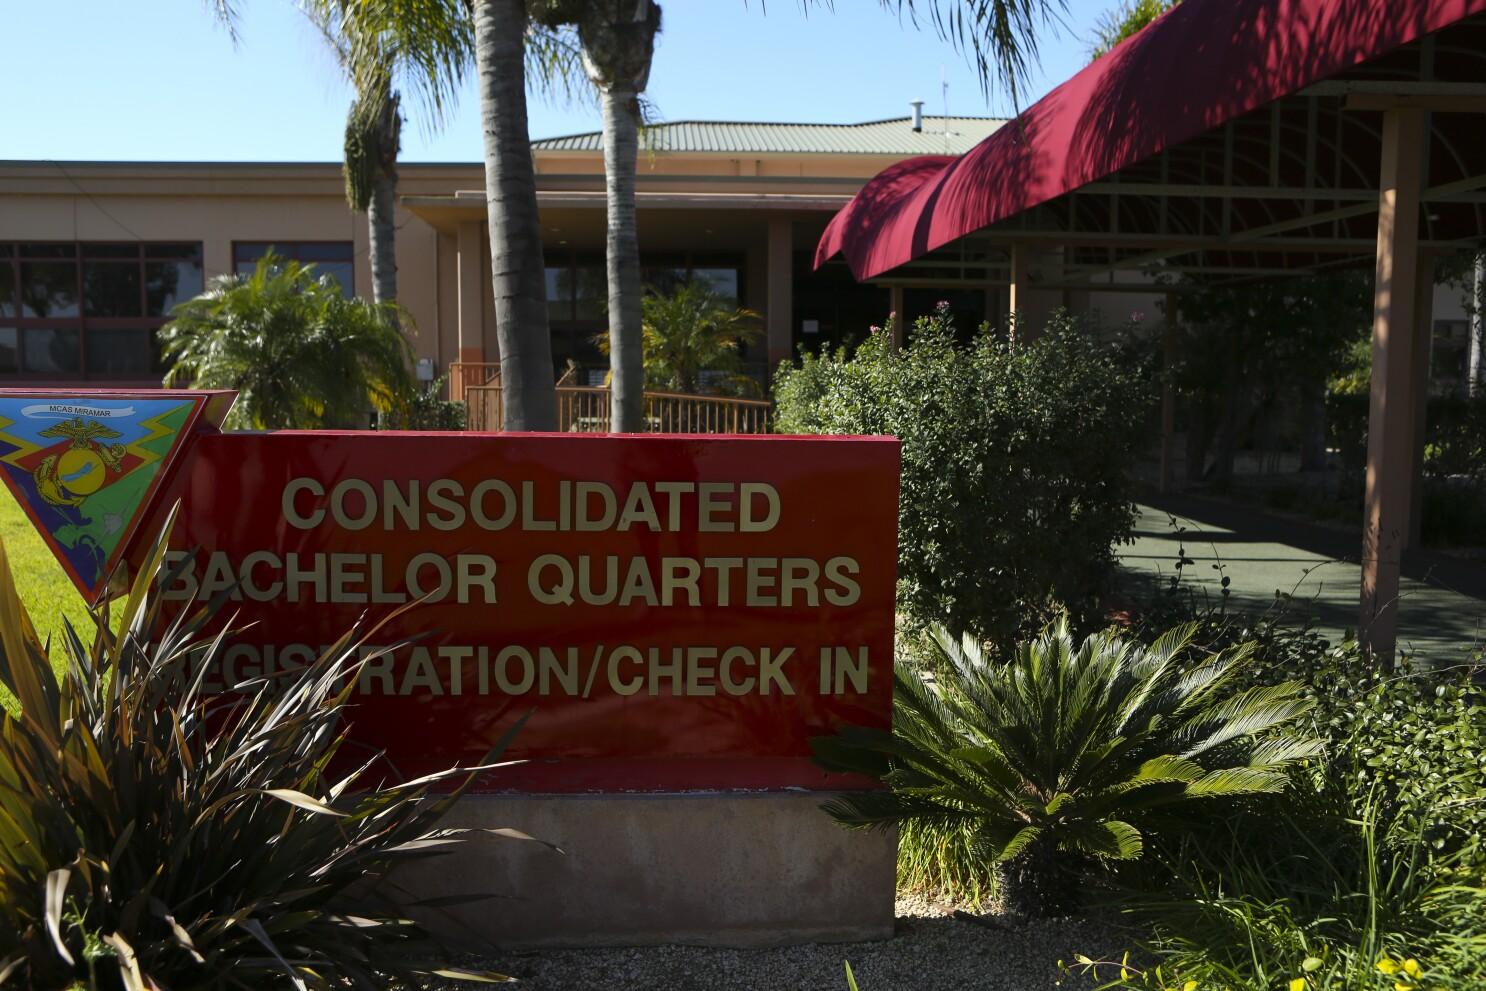 Americans fleeing coronavirus outbreak arrive in San Diego